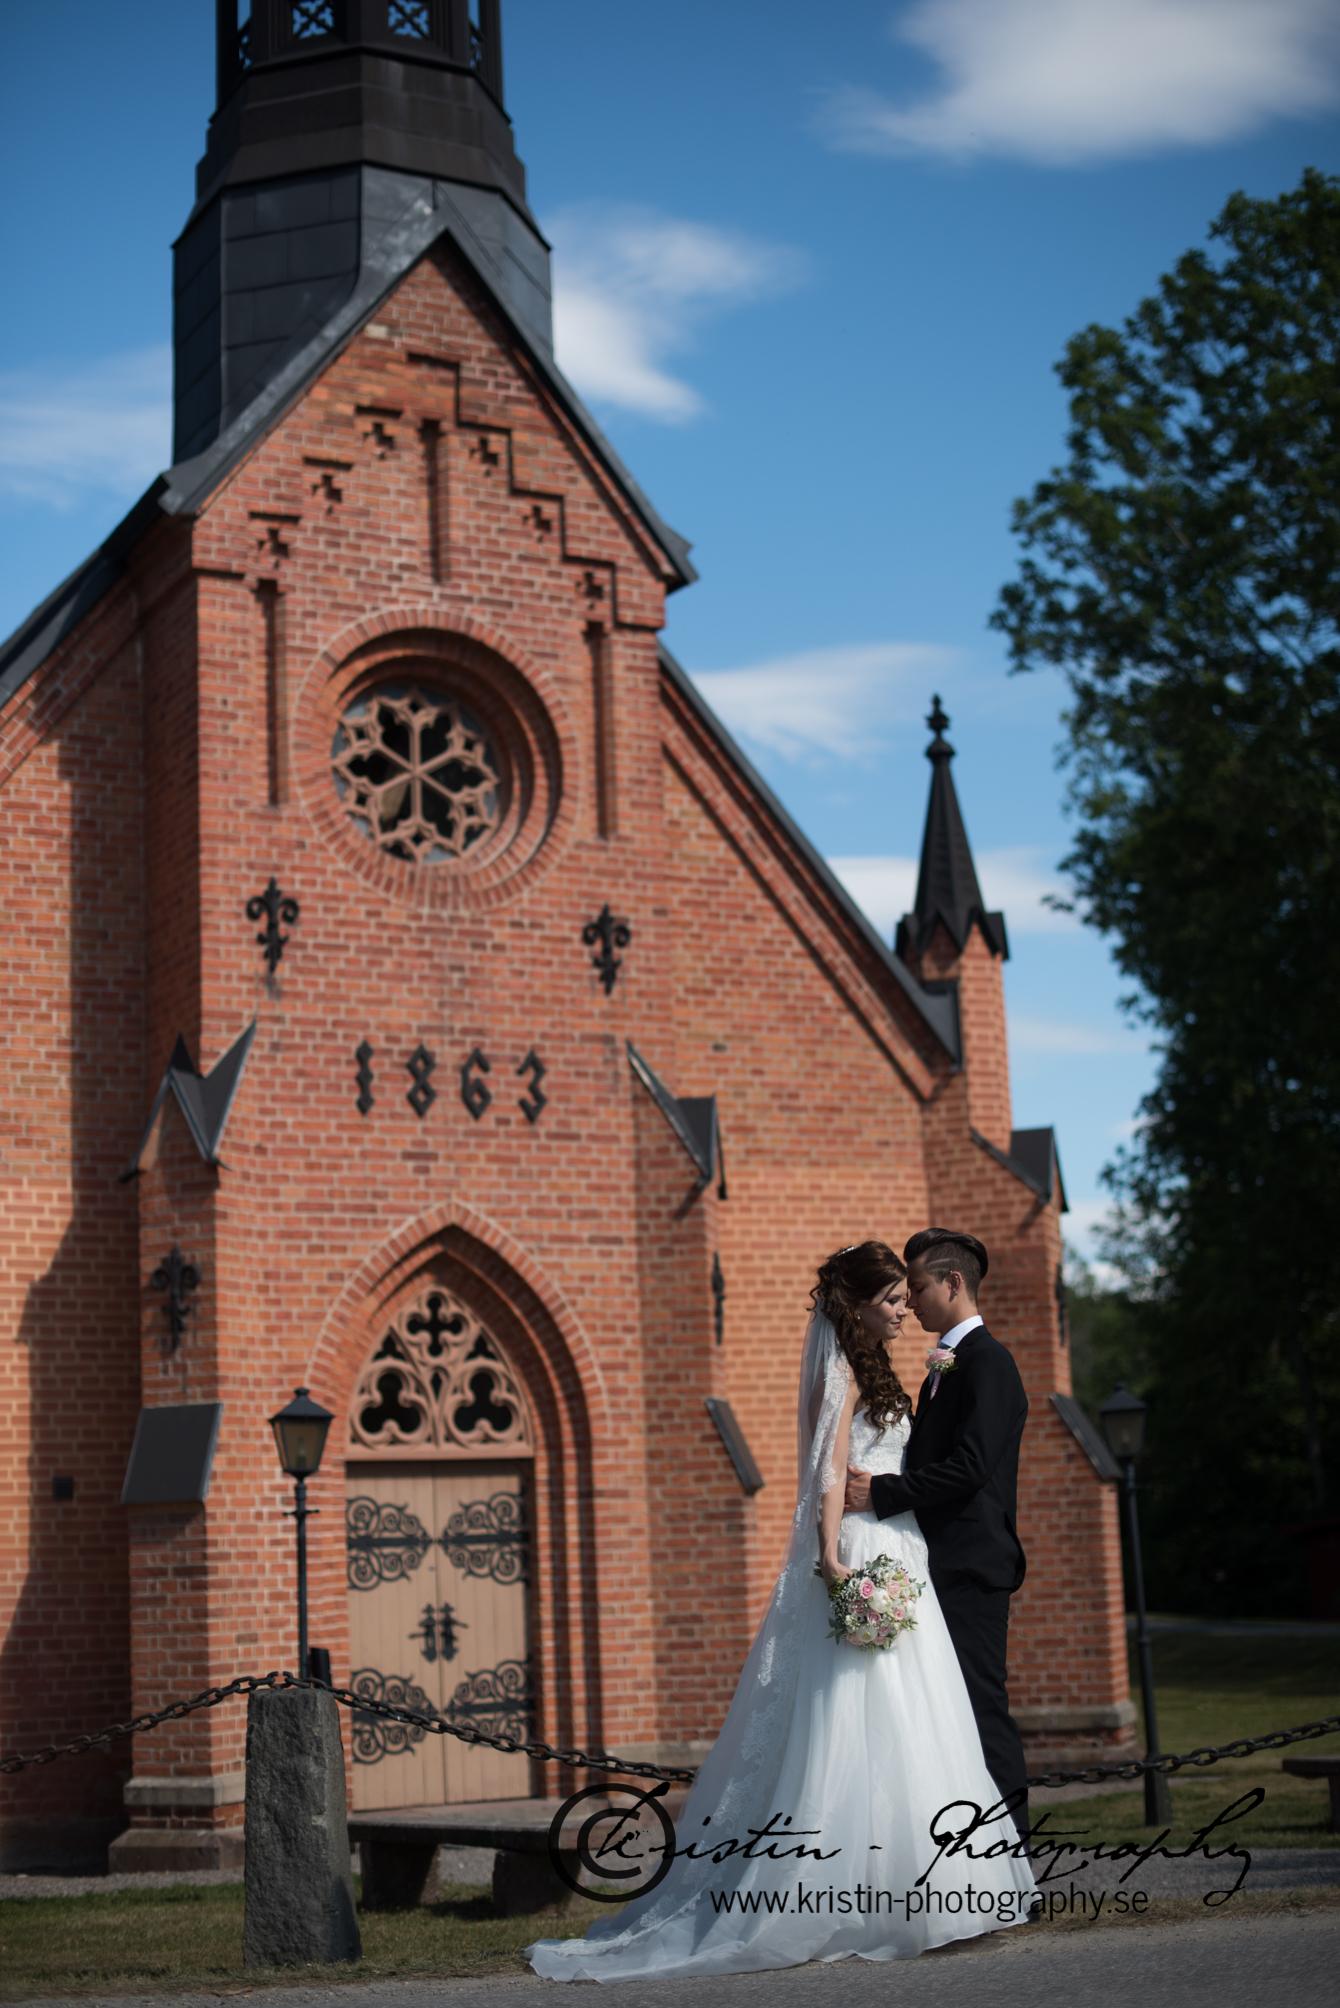 Bröllopsfotograf i Eskilstuna, Kristin - Photography, weddingphotographer -220.jpg